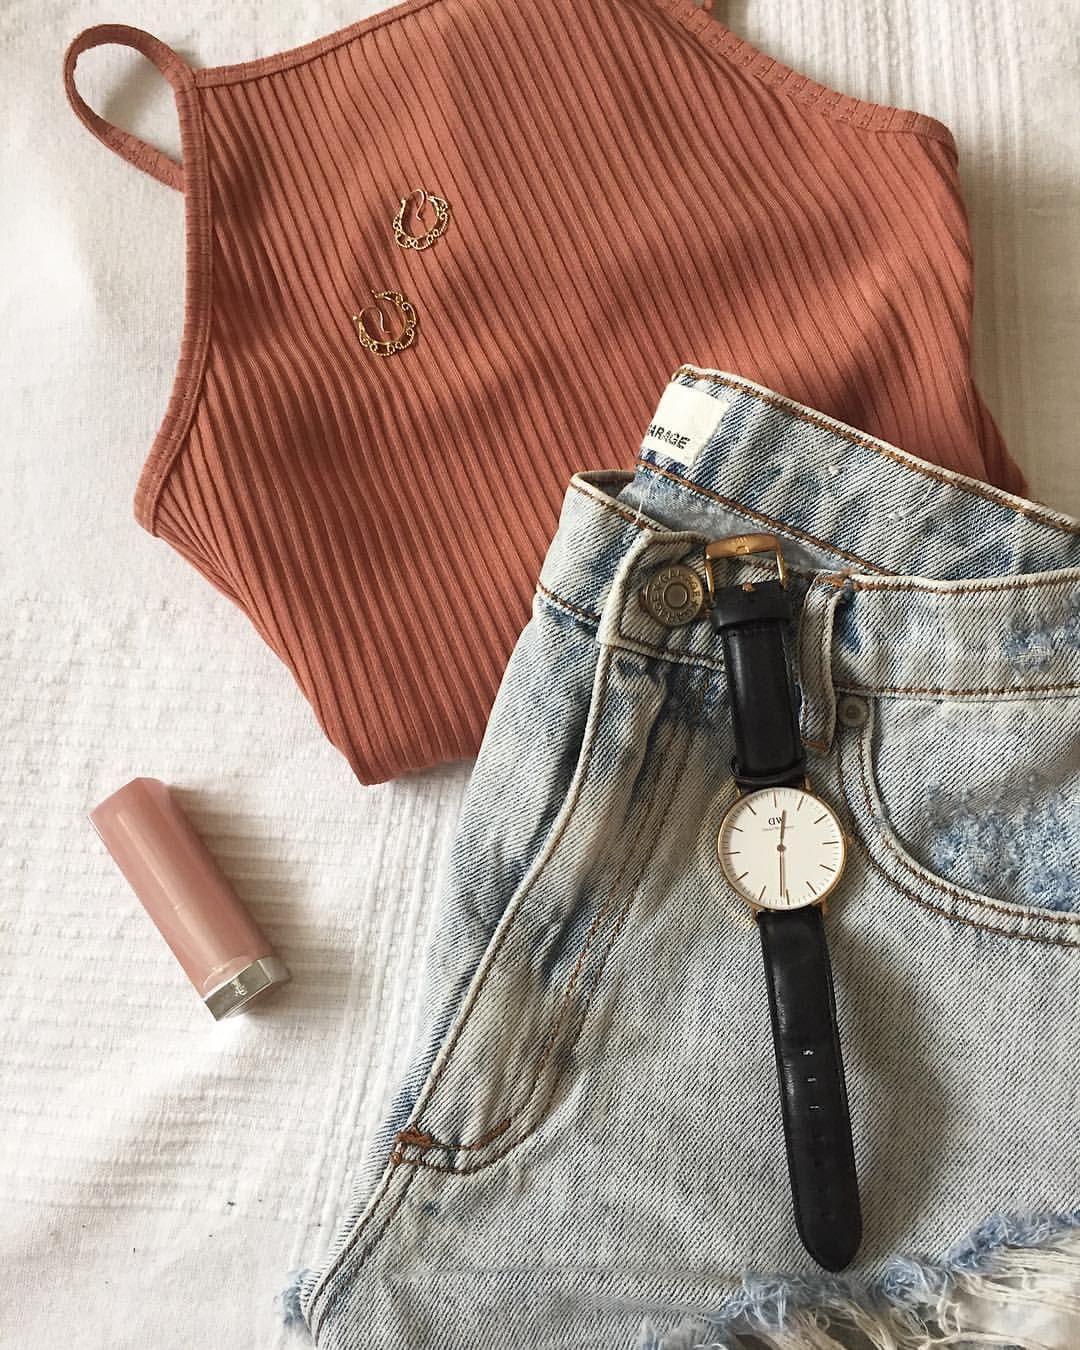 """45 Likes, 6 Comments - B L O G G E R / Loïka (@wearingoutloud) on Instagram: """"Avez-vous trouvé votre outfit pour fêter la St-Jean 🤠 ? Moi oui! Grâce aux ventes d'#aritzia hier,…"""""""